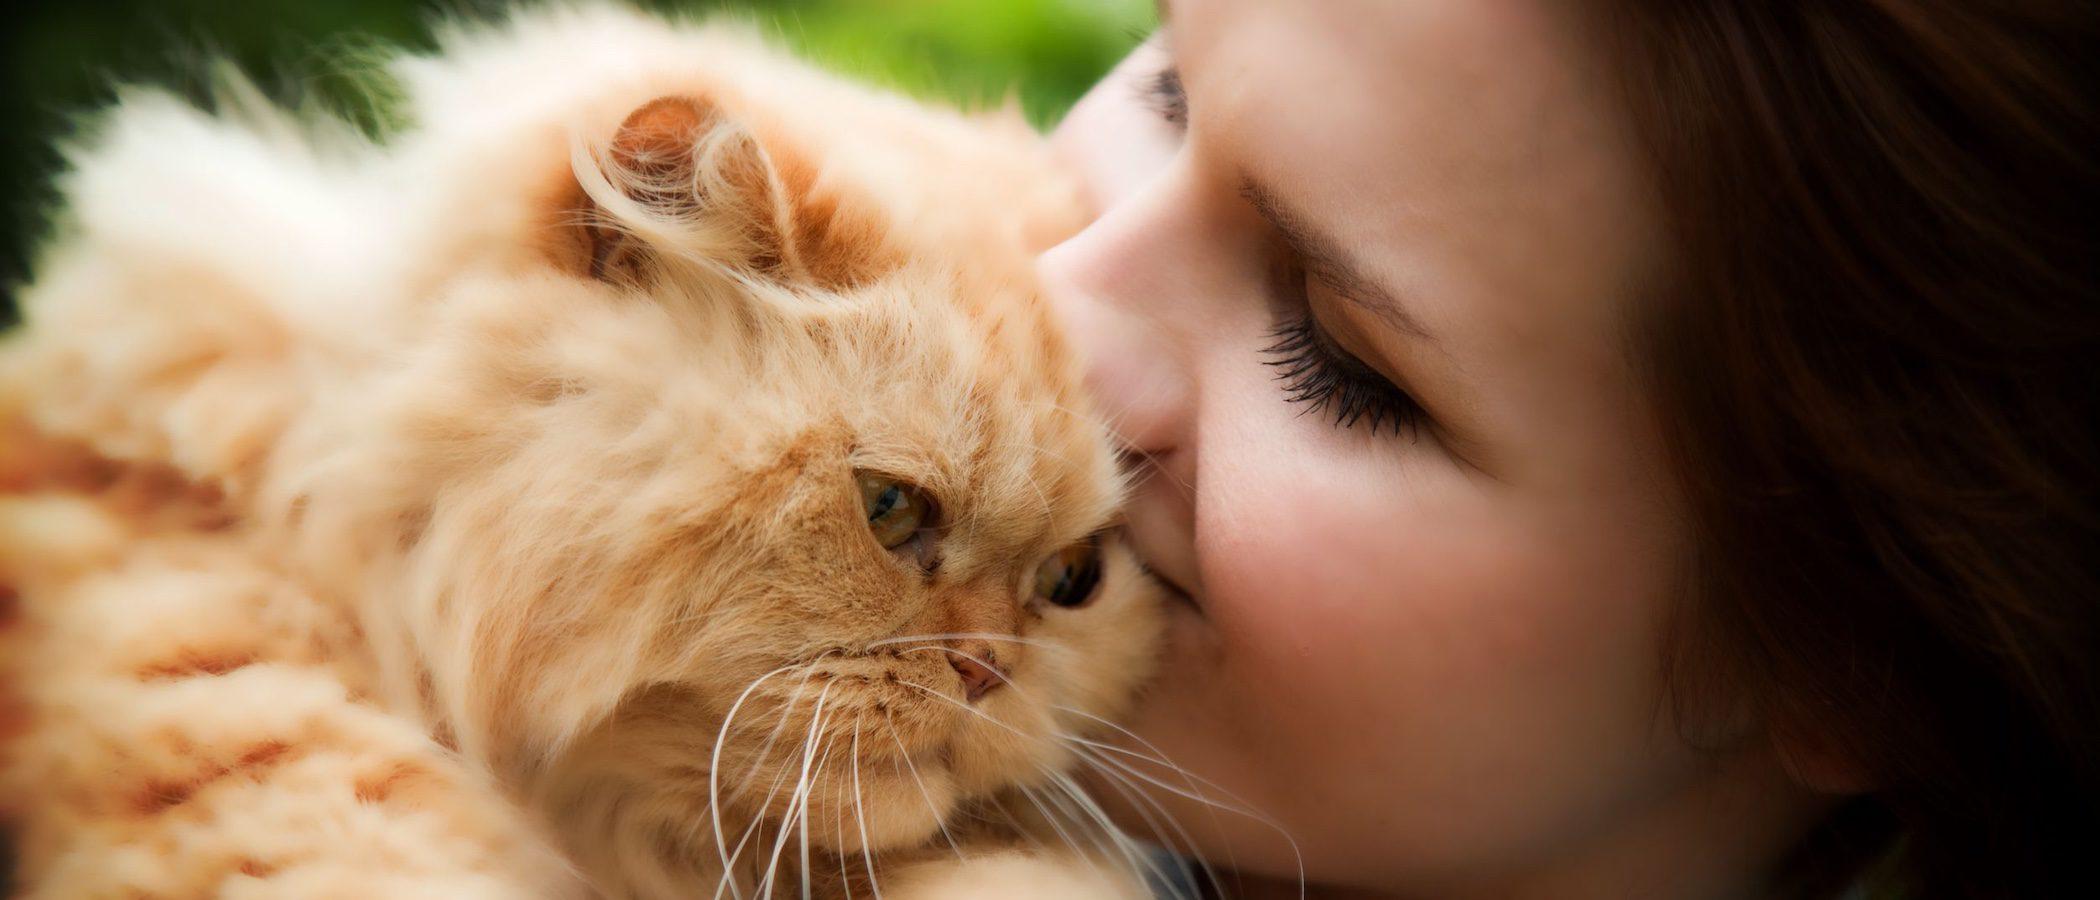 Gato persa: 10 curiosidades que no conocías